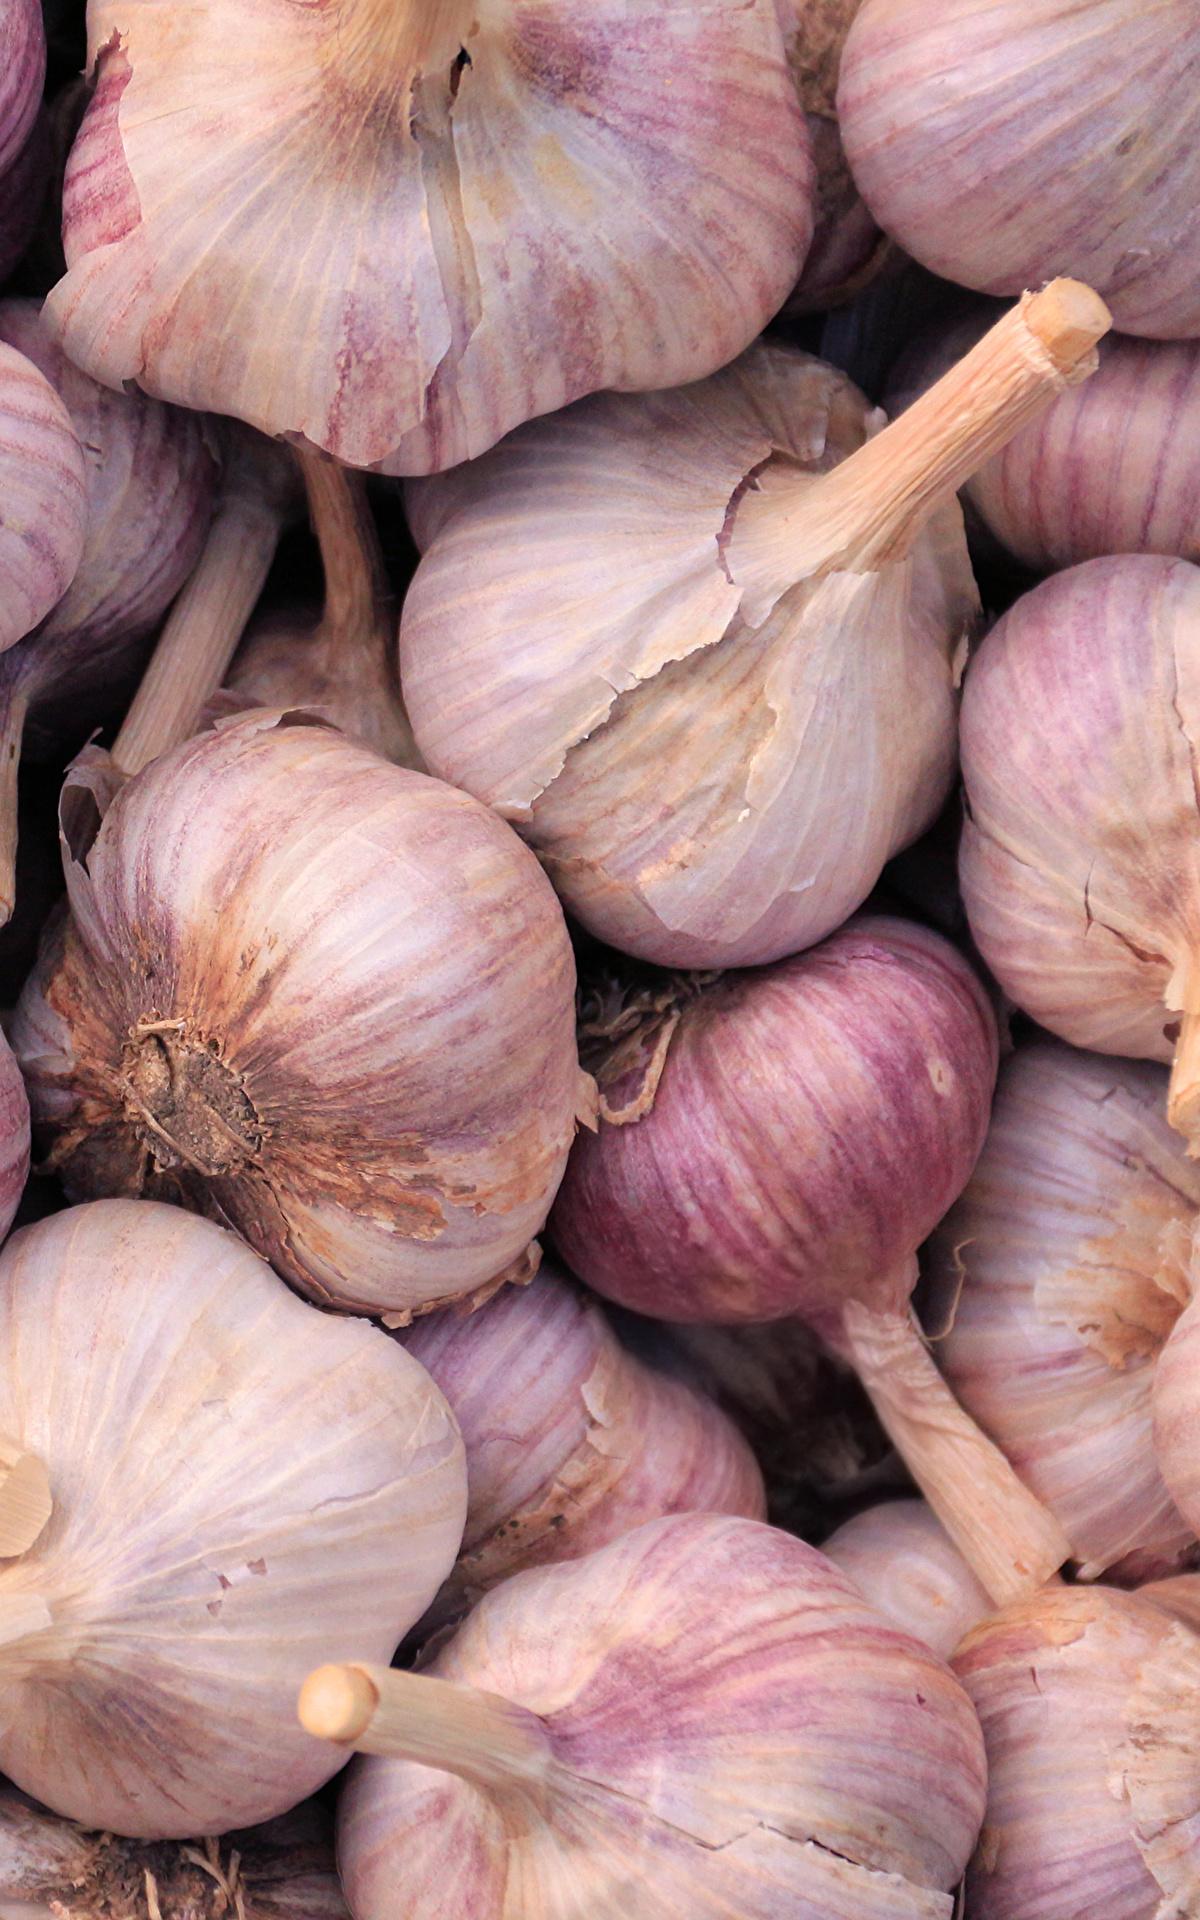 Hintergrundbilder Textur Knoblauch Lebensmittel Großansicht 1200x1920